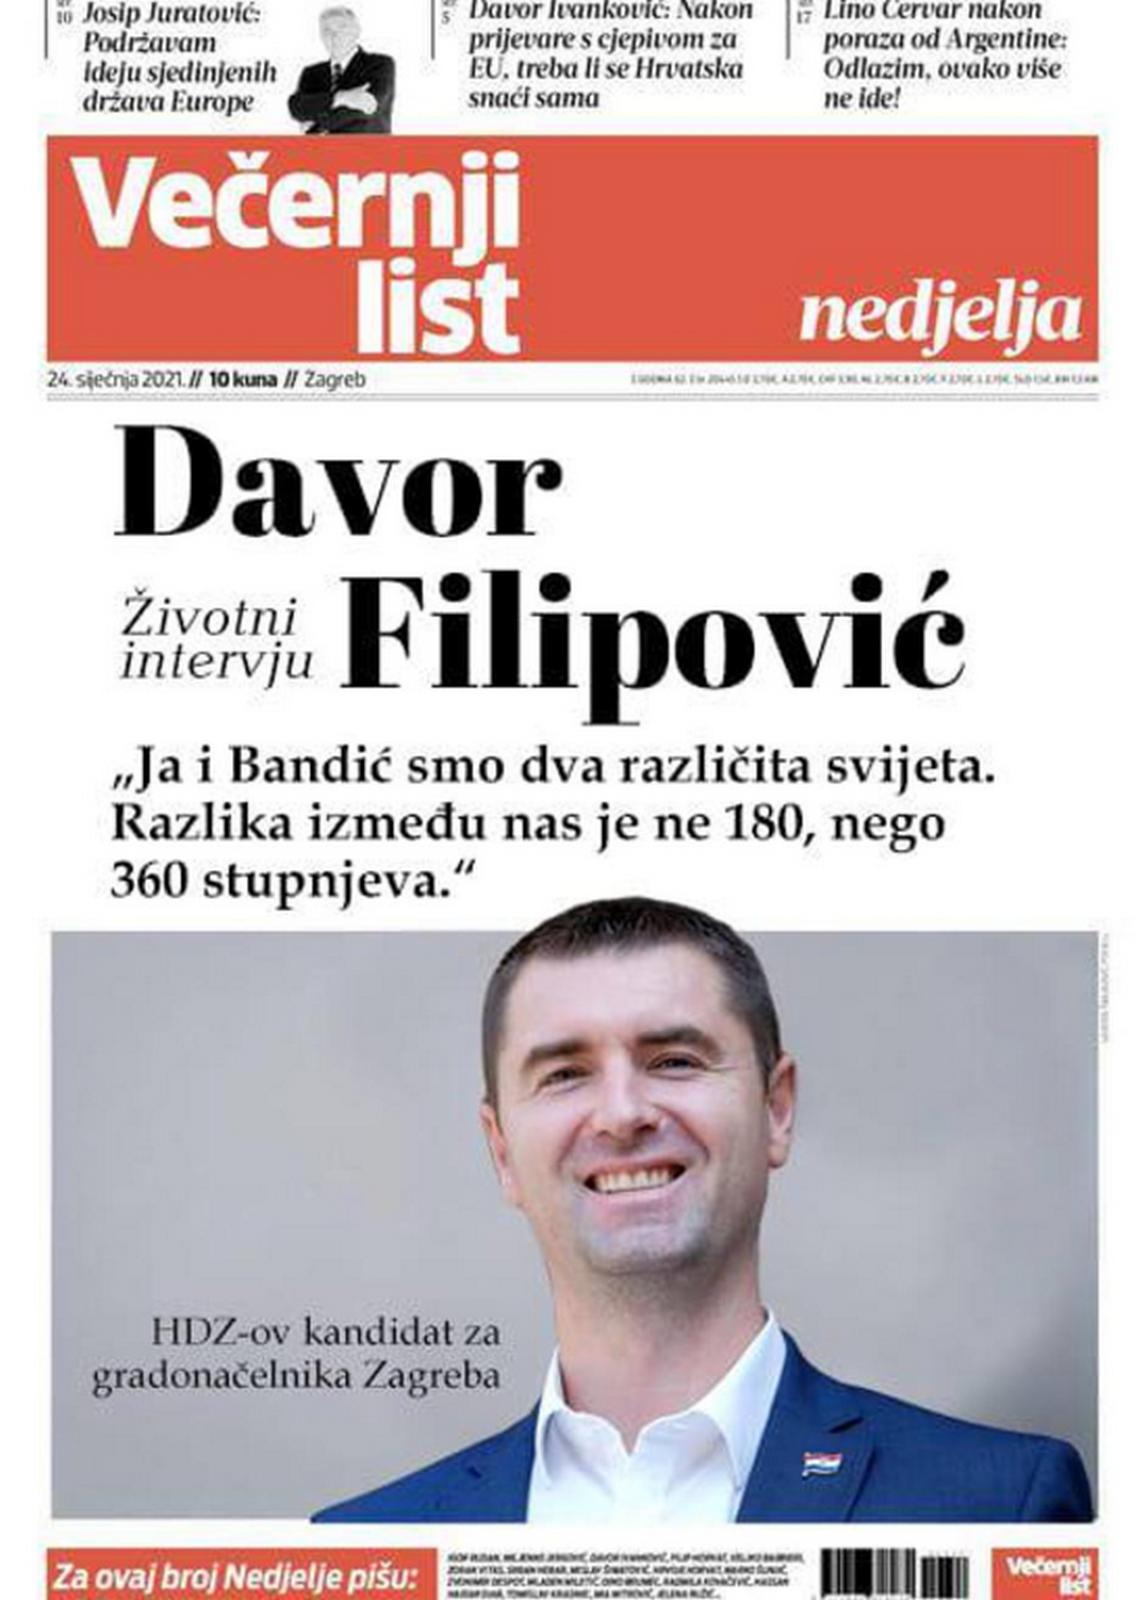 O lažnoj naslovnici oglasio se i kandidat za gradonačelnika metropole